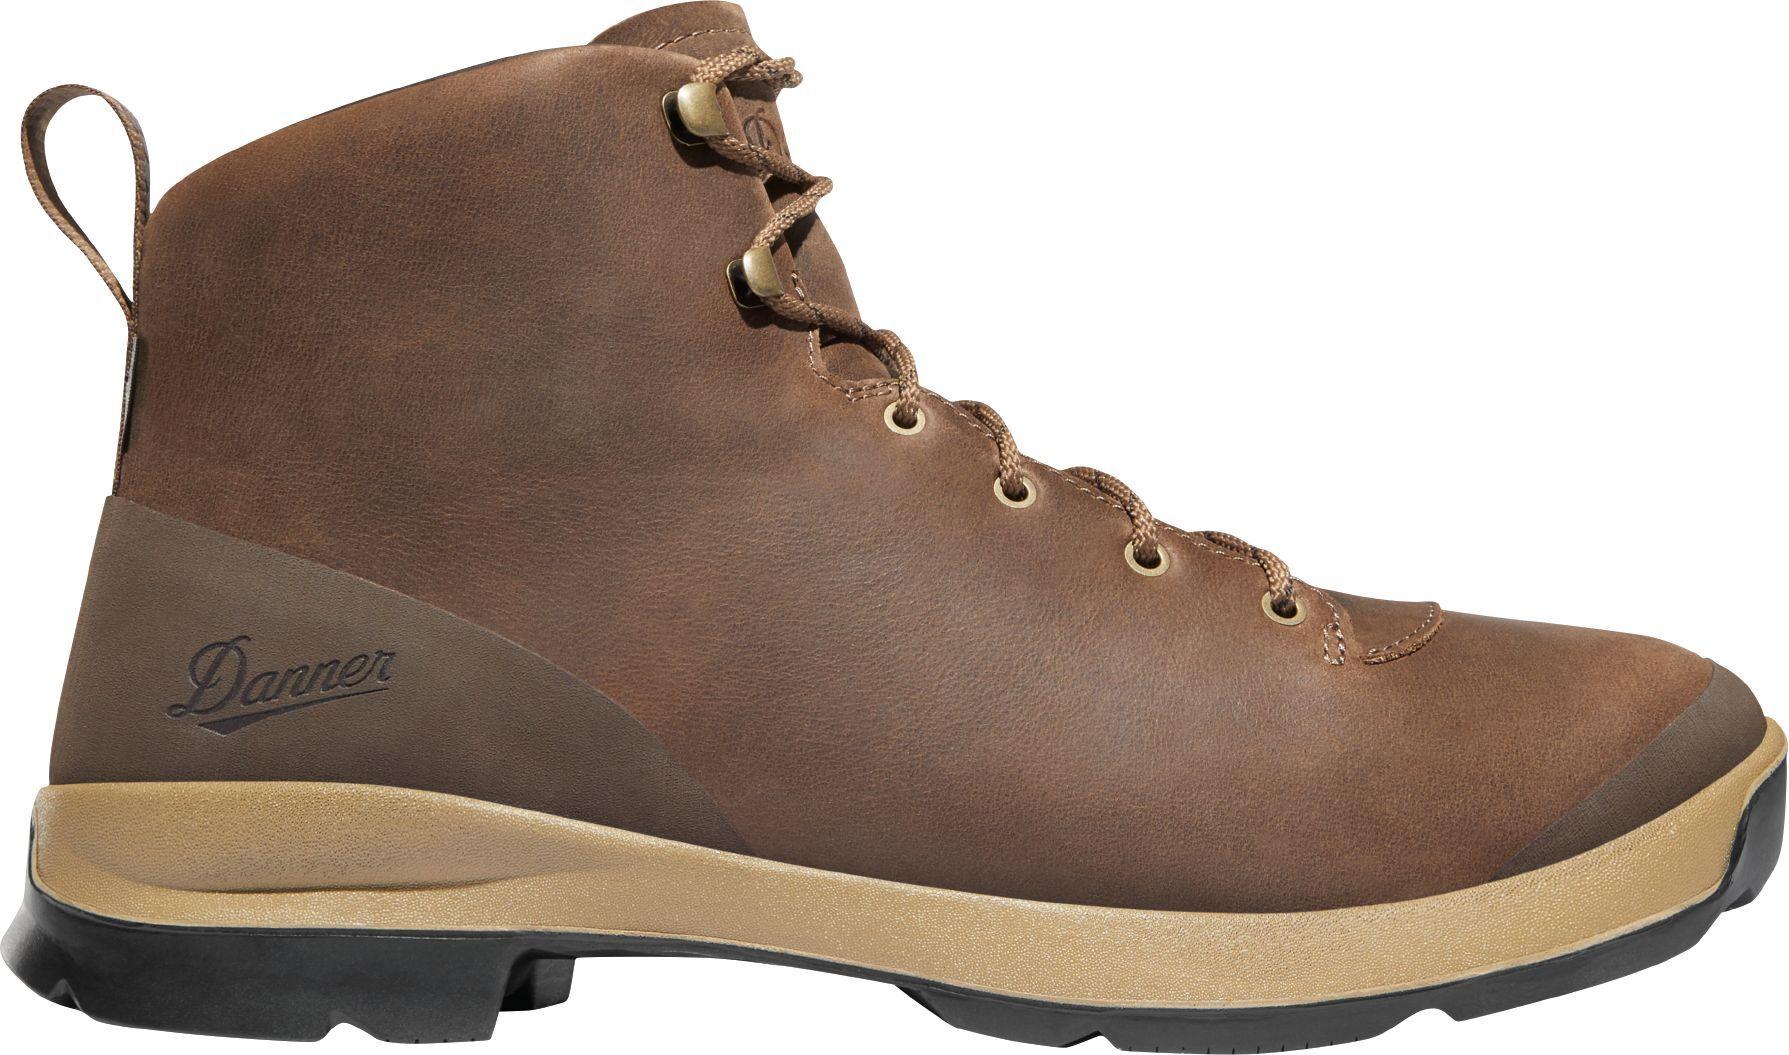 Danner Men's Pub Garden 6'' Waterproof Hiking Boots, Brown